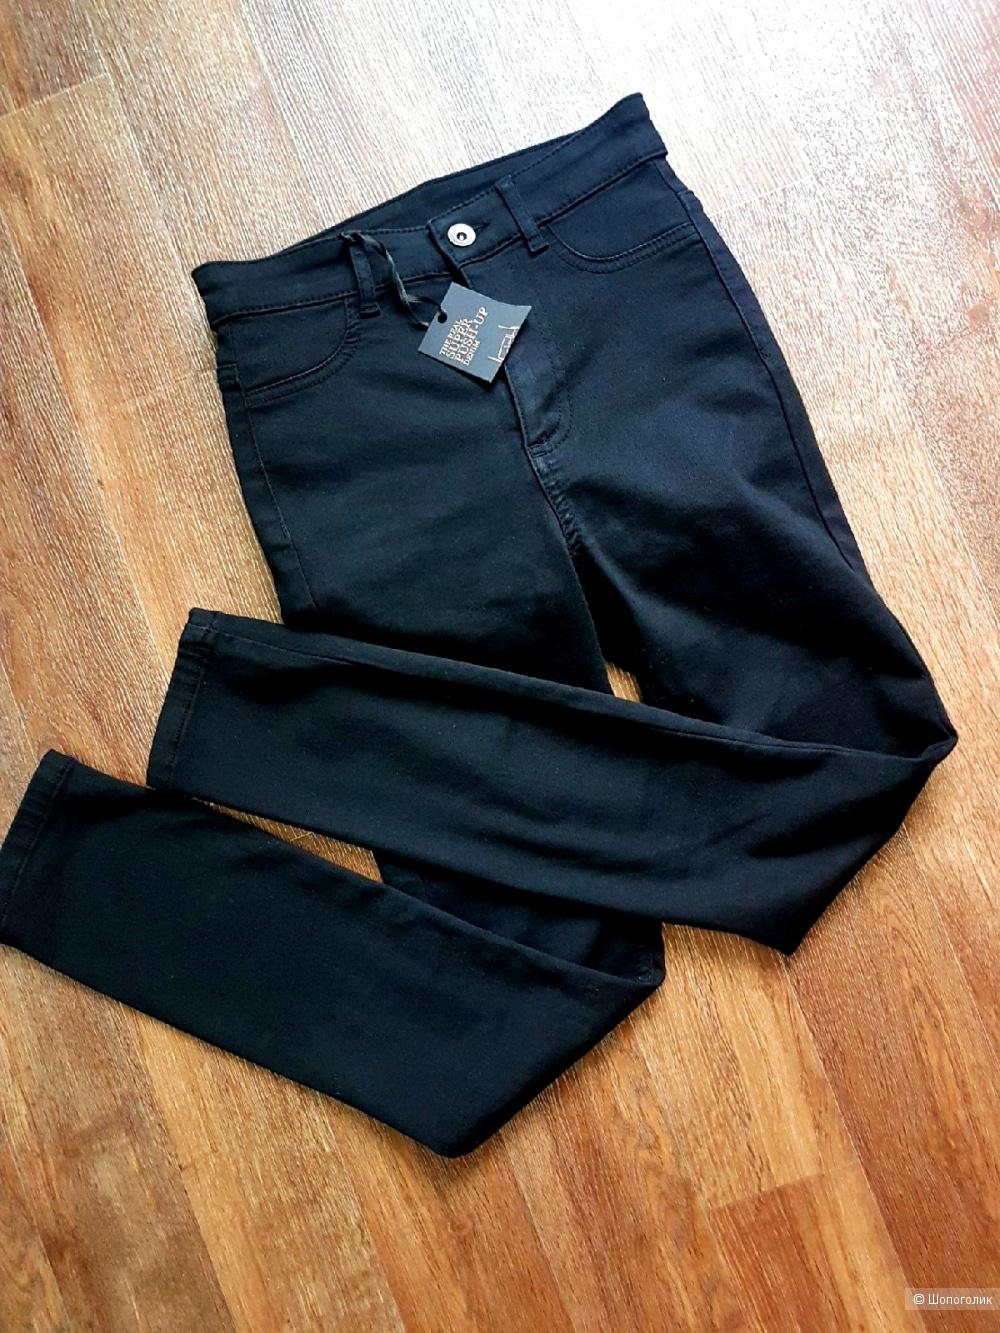 Calzedonia джинсы push-up (черные) xs